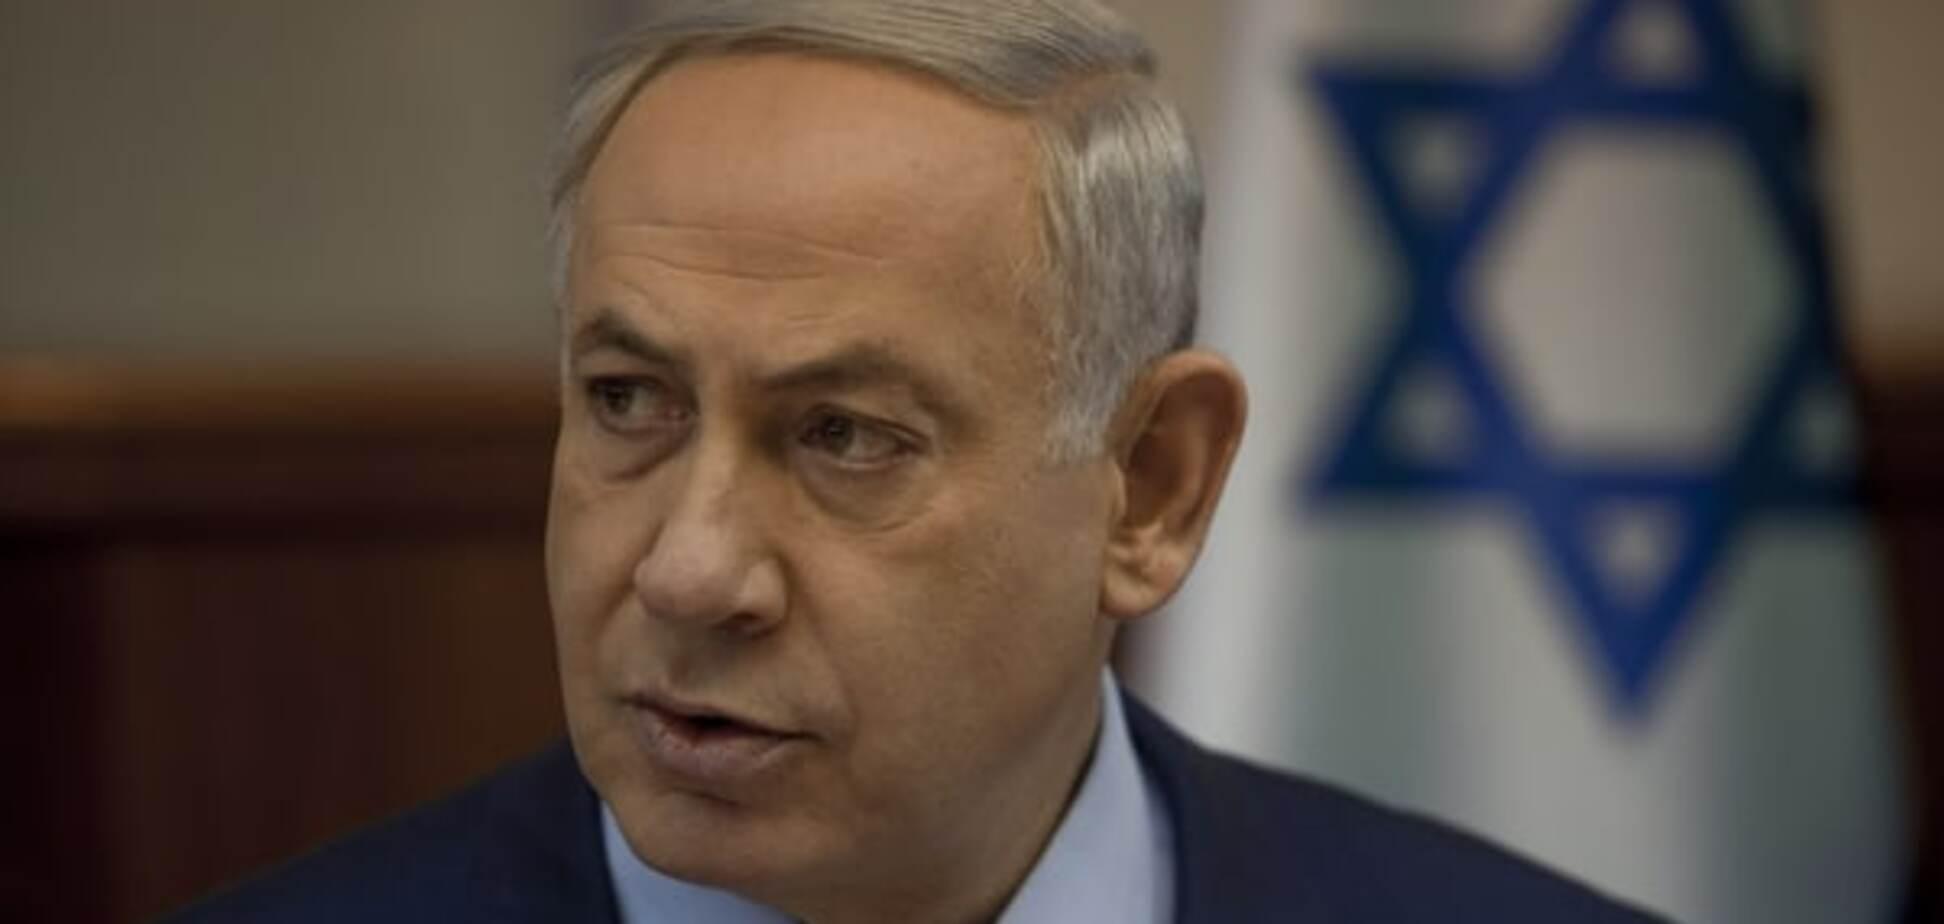 Спецназ Ізраїлю проводить спецоперації в Сирії - Нетаньяху